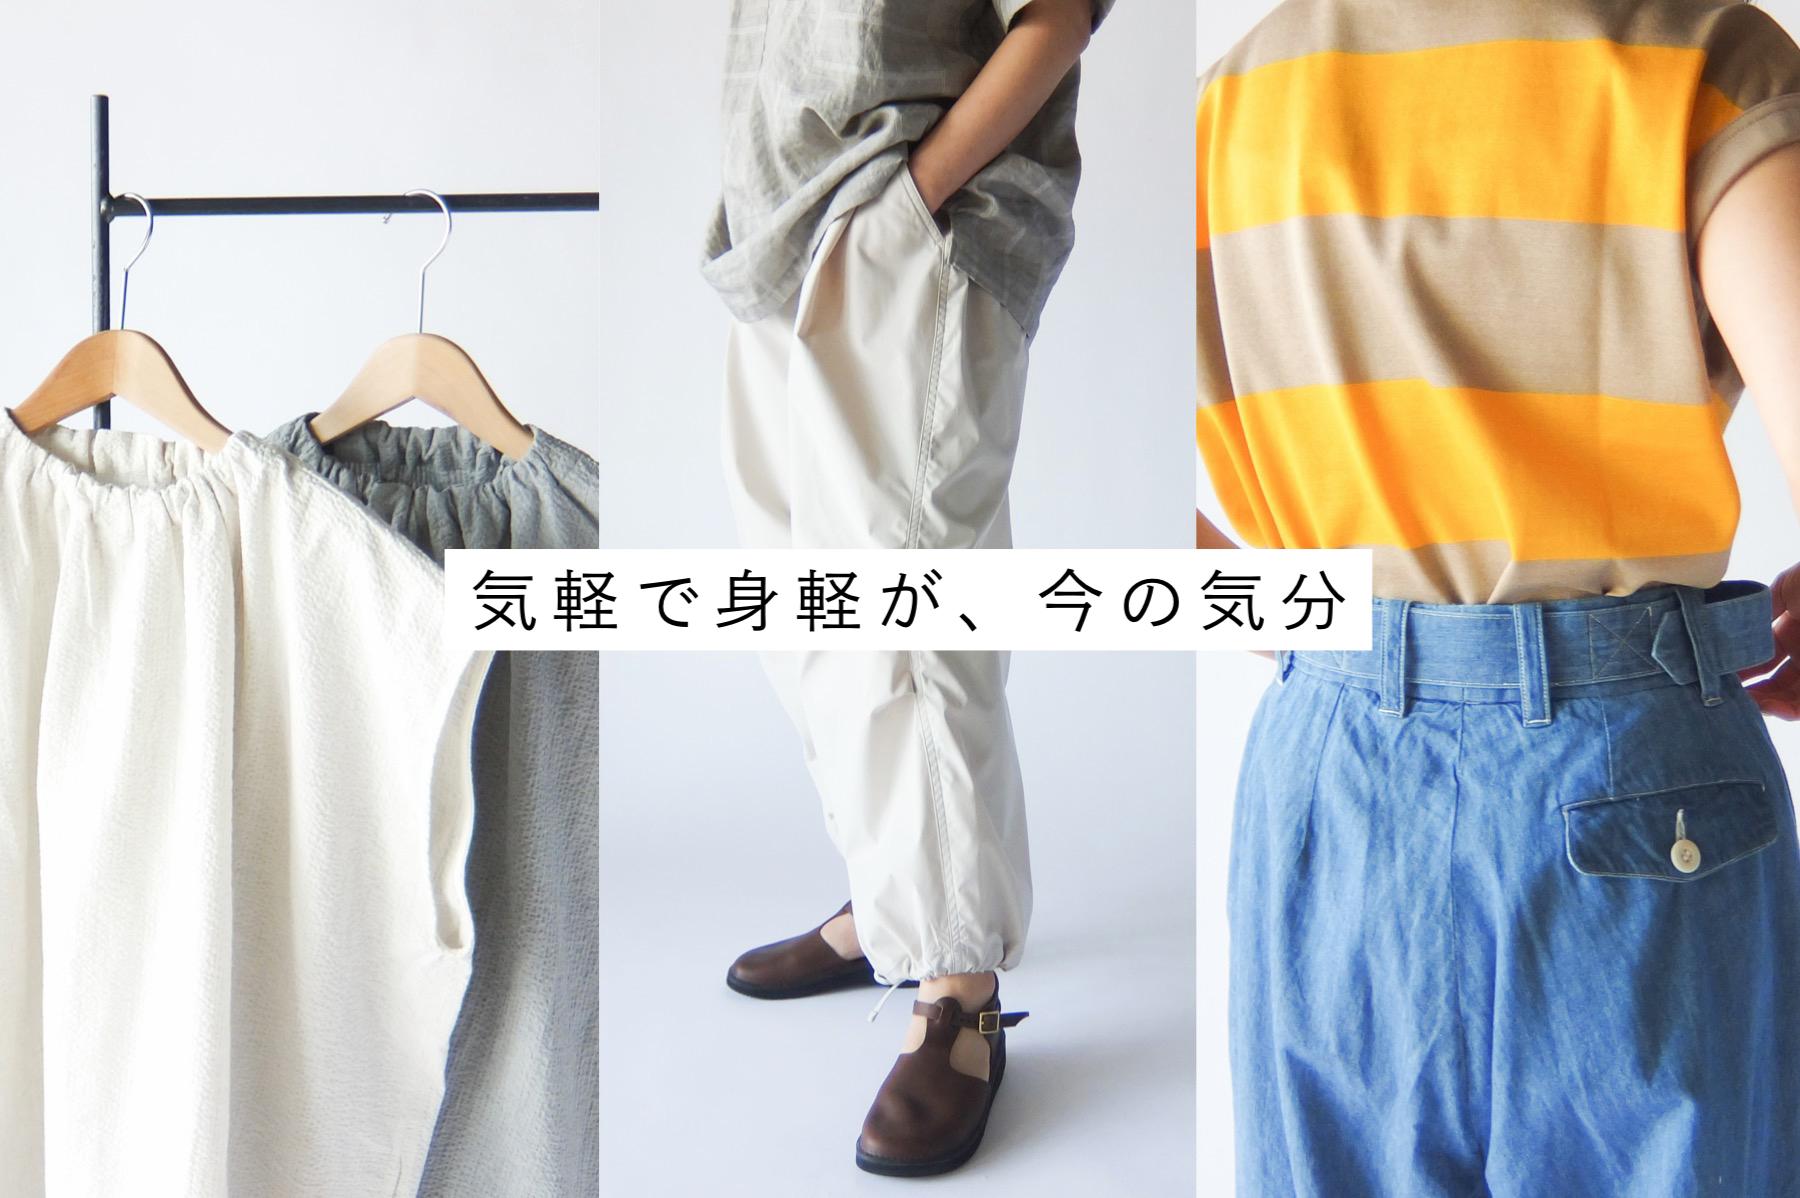 この春は、心地良さ重視の軽やかな服で気軽にお出かけ。